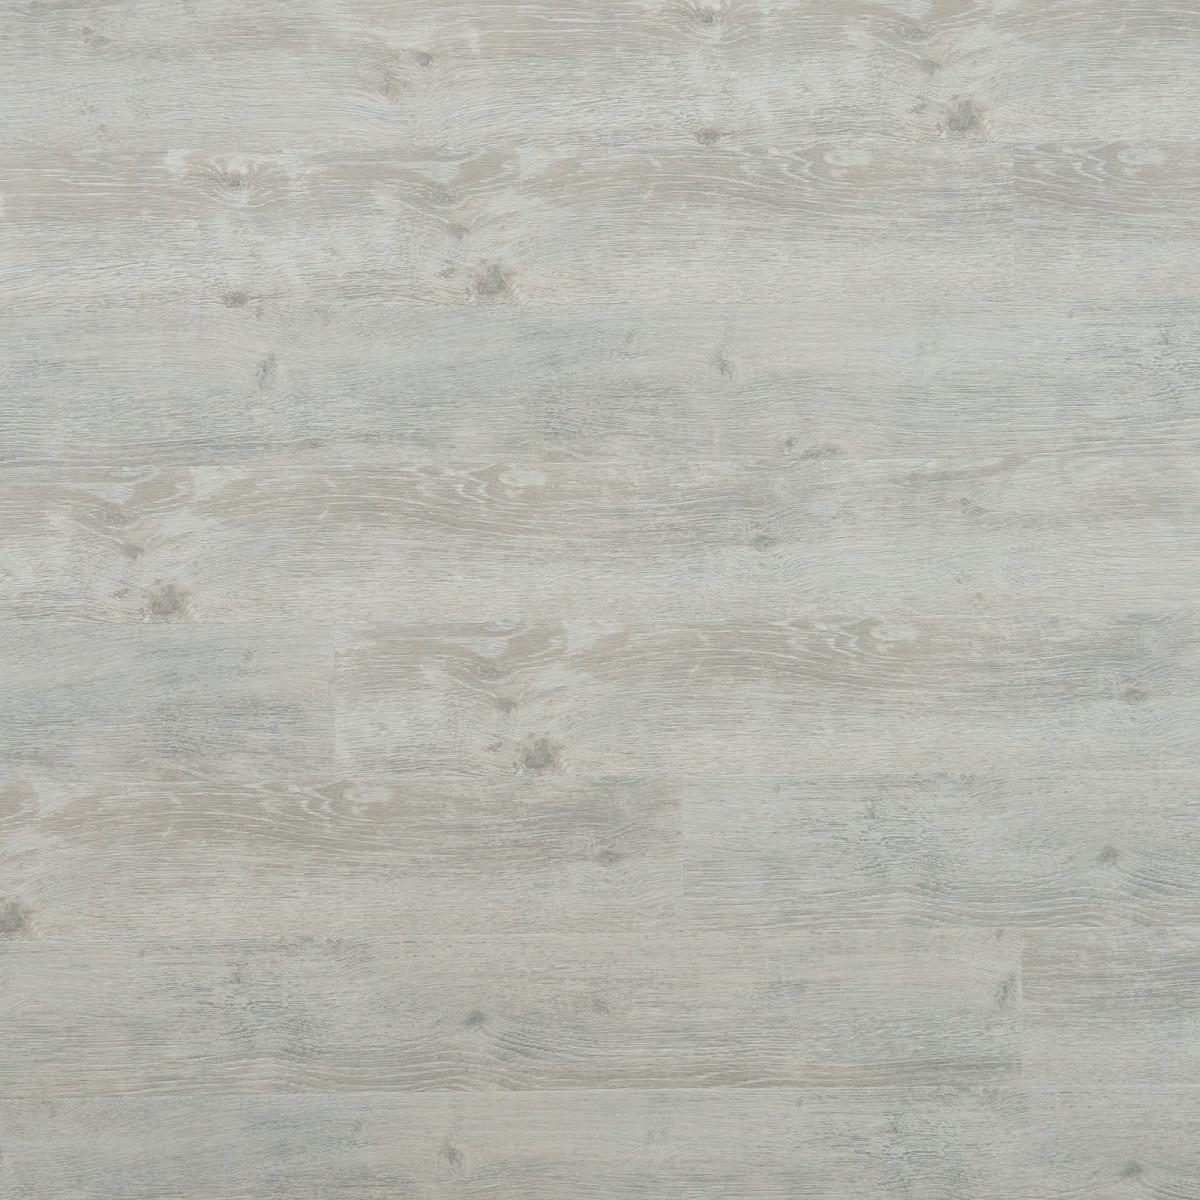 Ламинат Дуб элегант 33 класс толщина 8 мм с фаской 1.777 м²